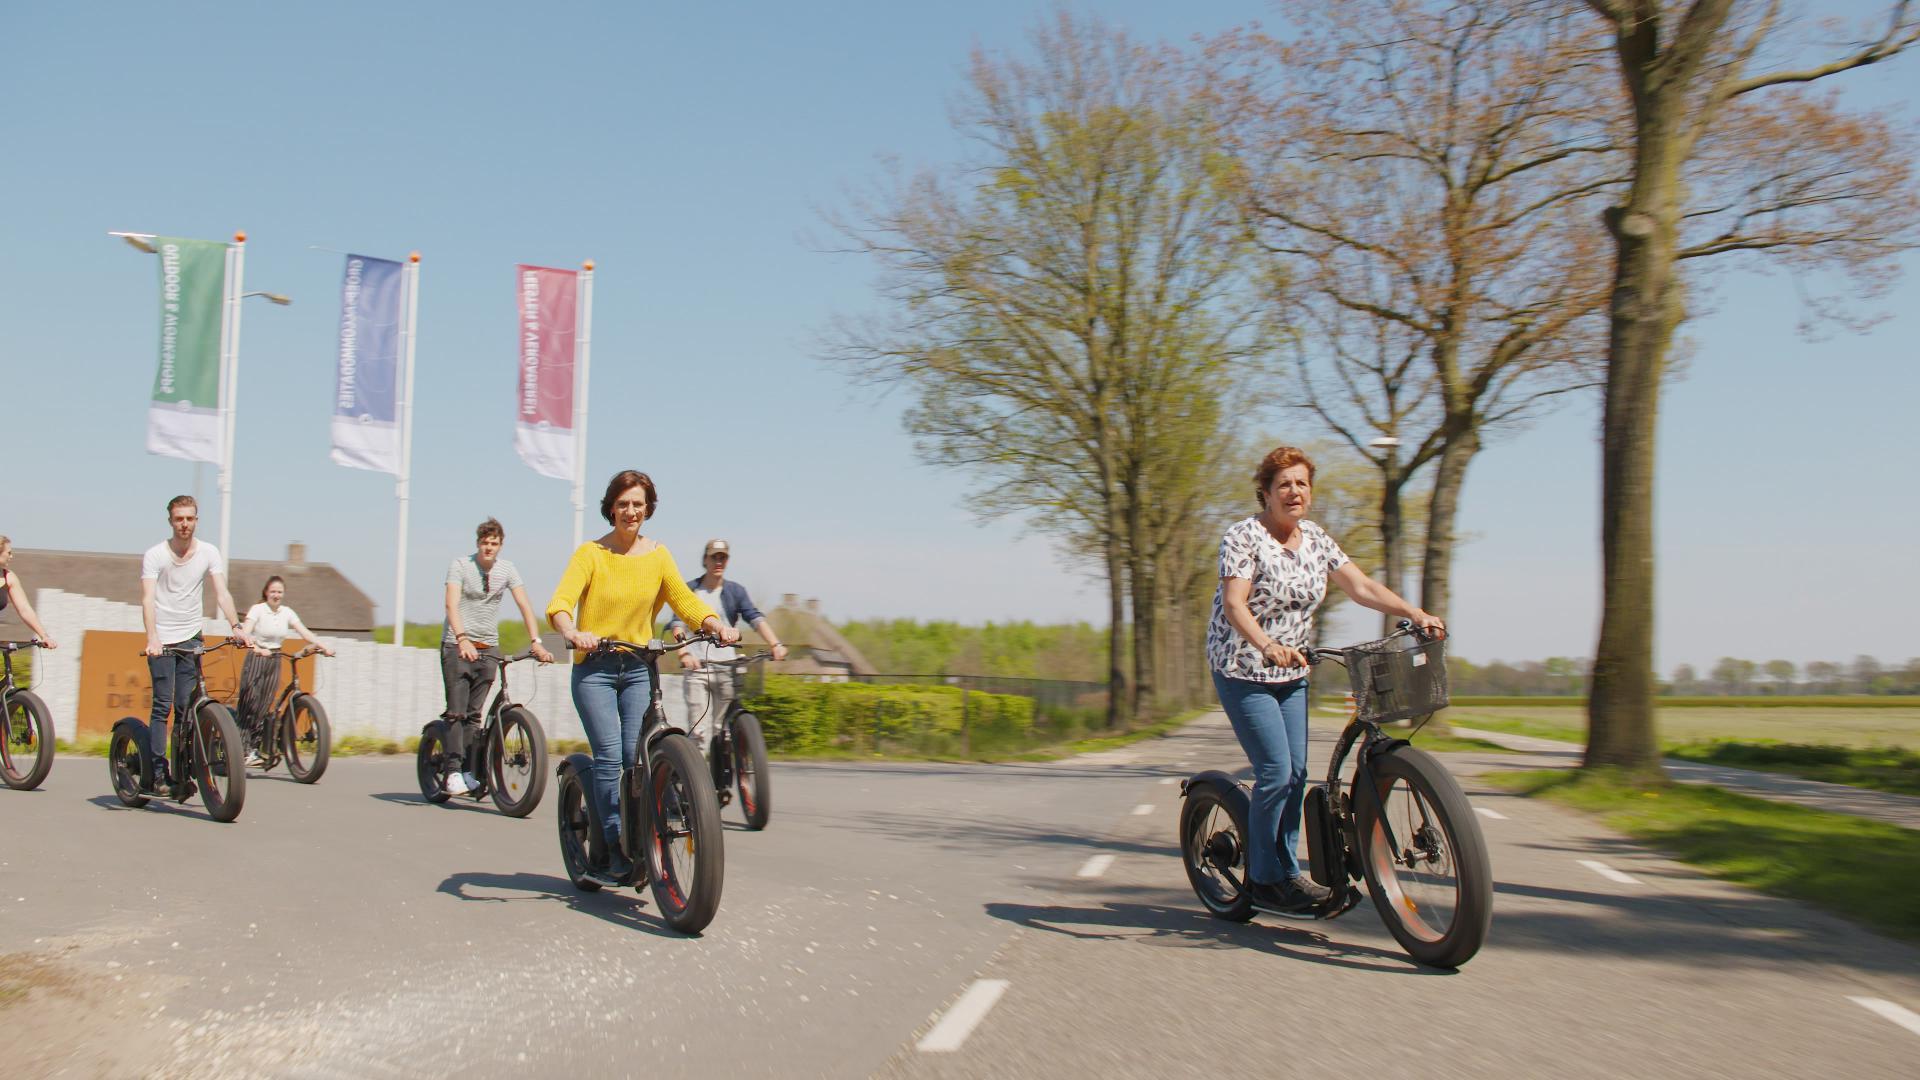 Kickbike Fat Max Elektische Steps bij Landgoed de Biestheuvel